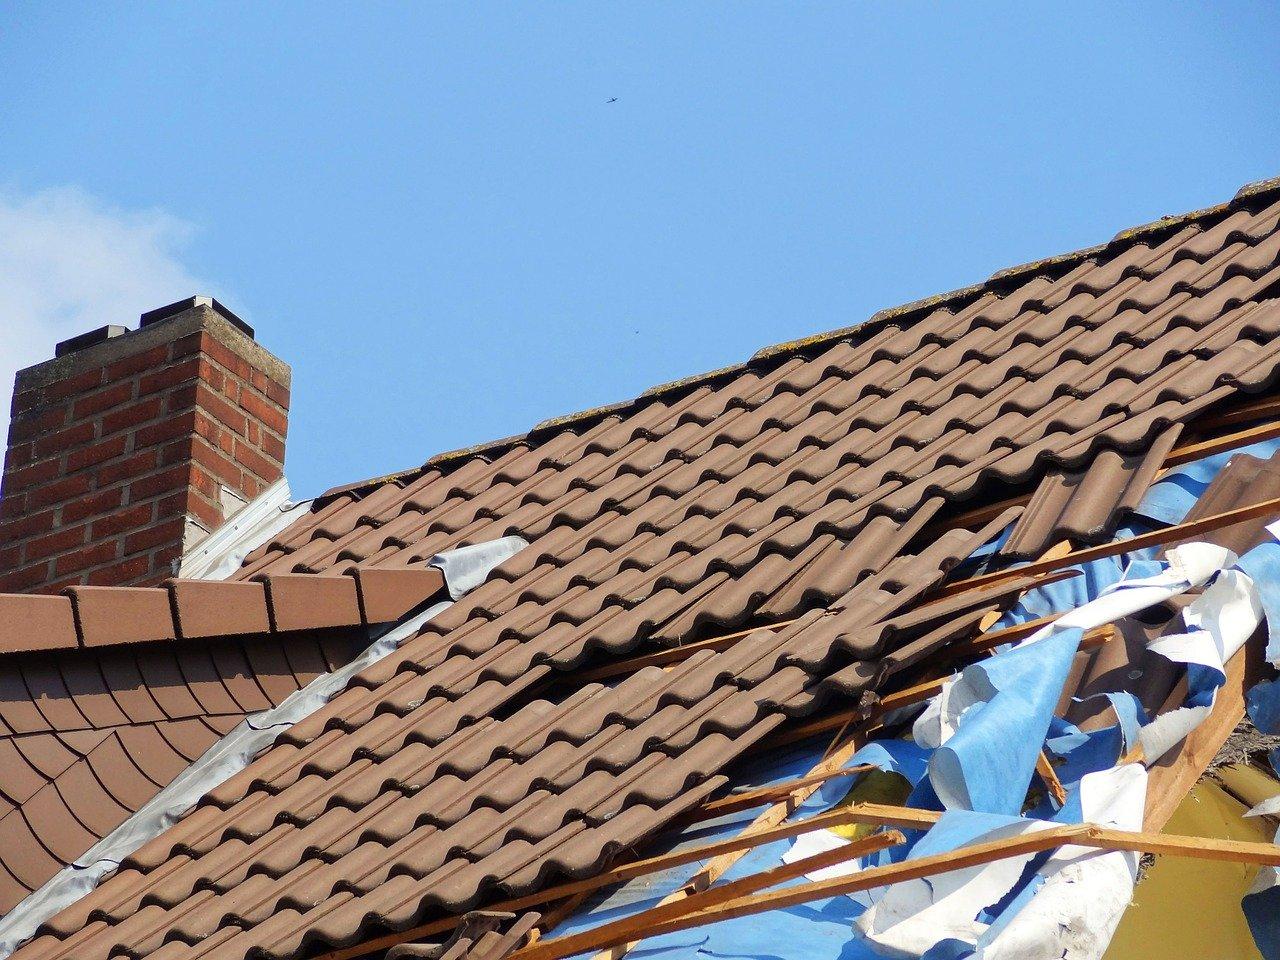 nokvorst reparatie, nokvorst renovatie in 5263 Vught